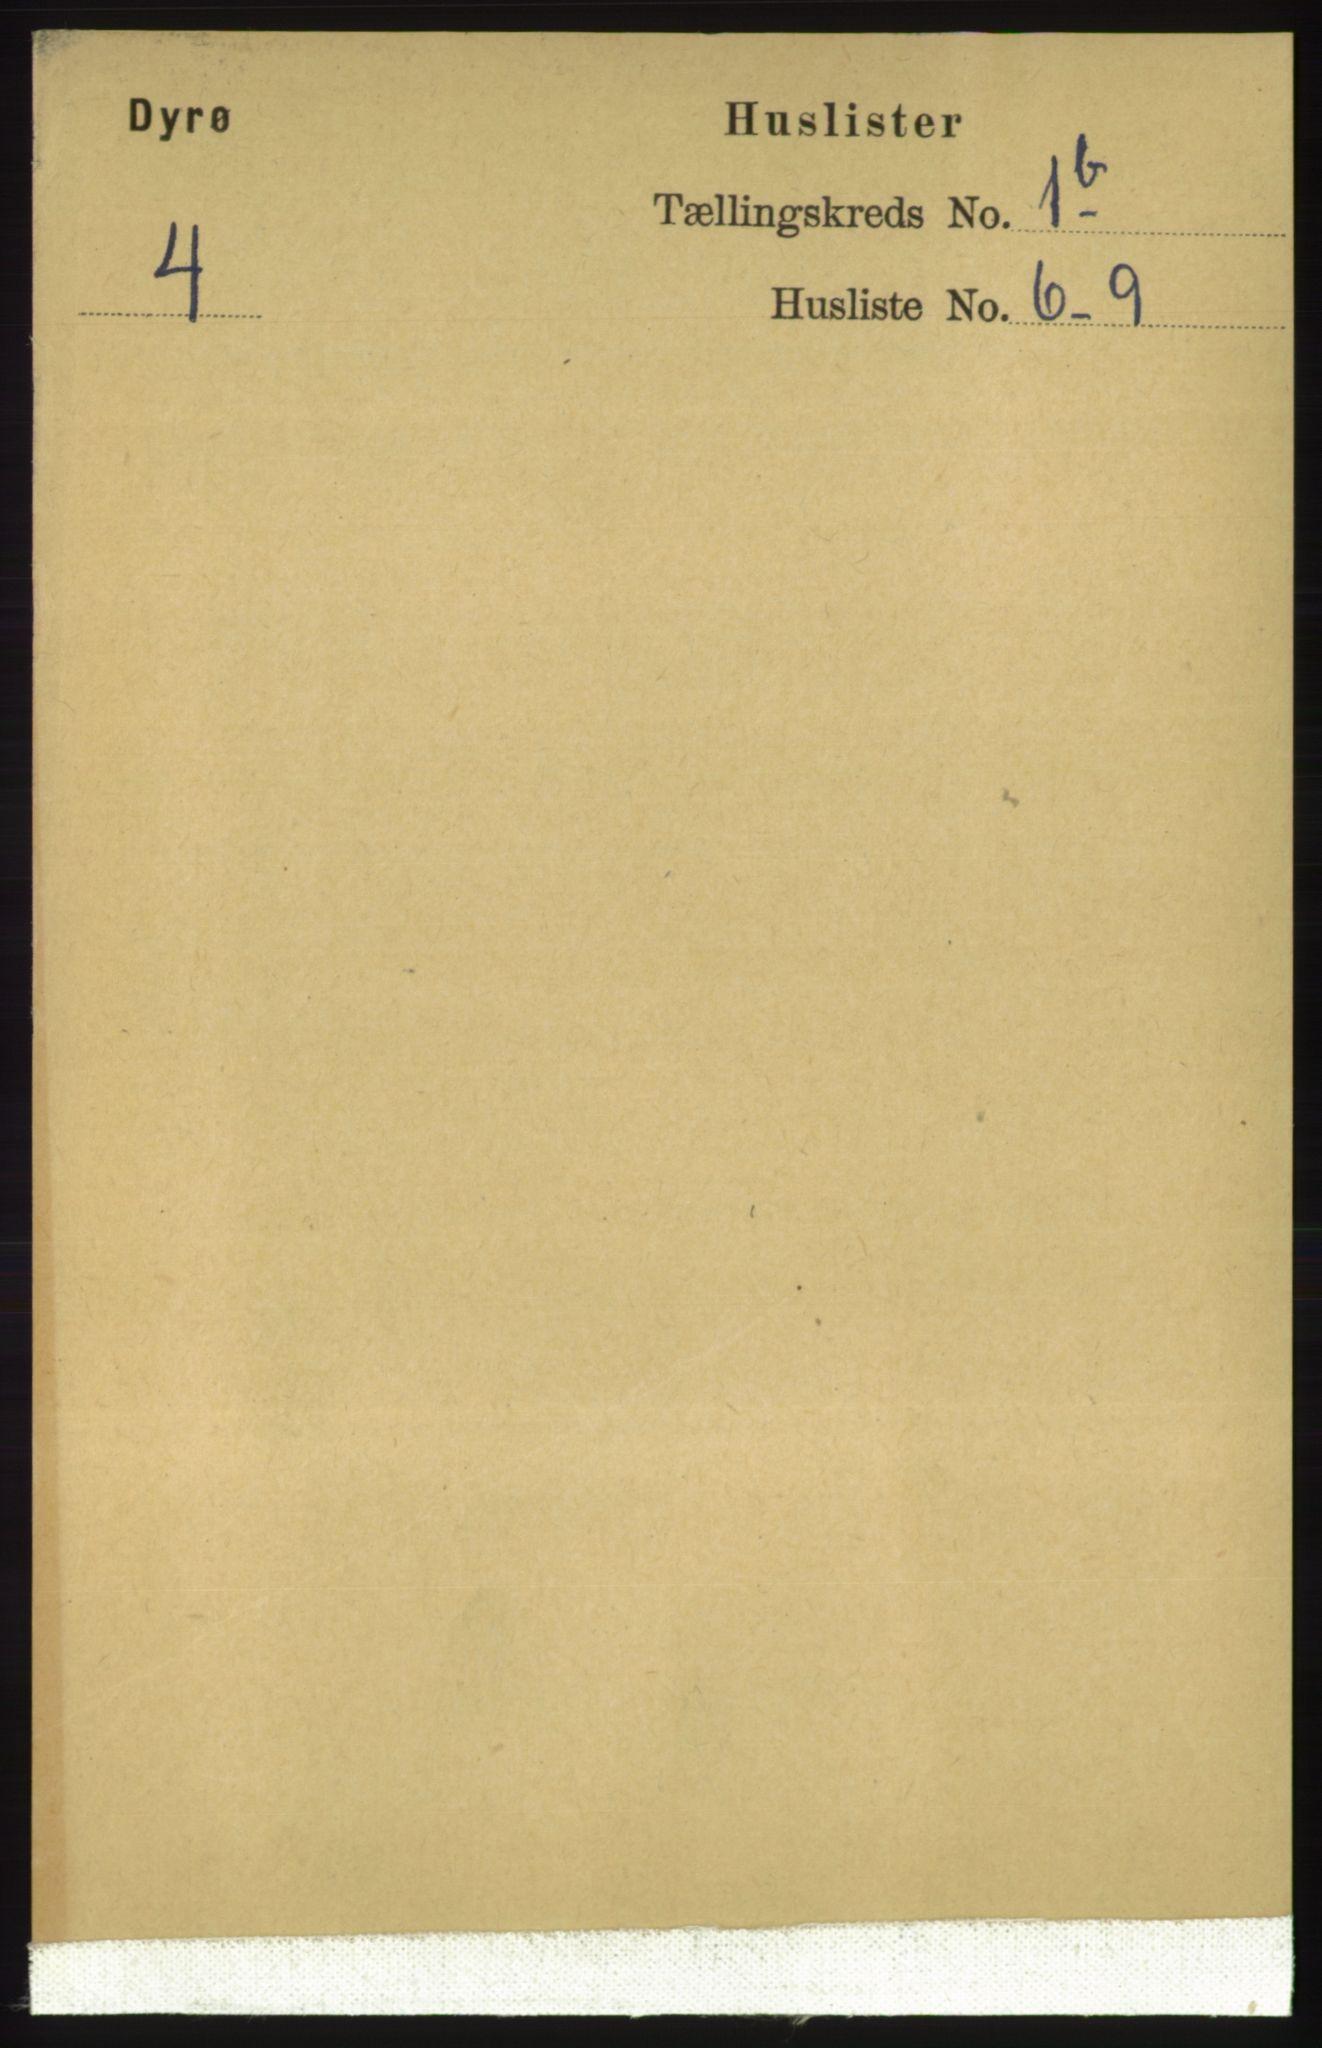 RA, Folketelling 1891 for 1926 Dyrøy herred, 1891, s. 412